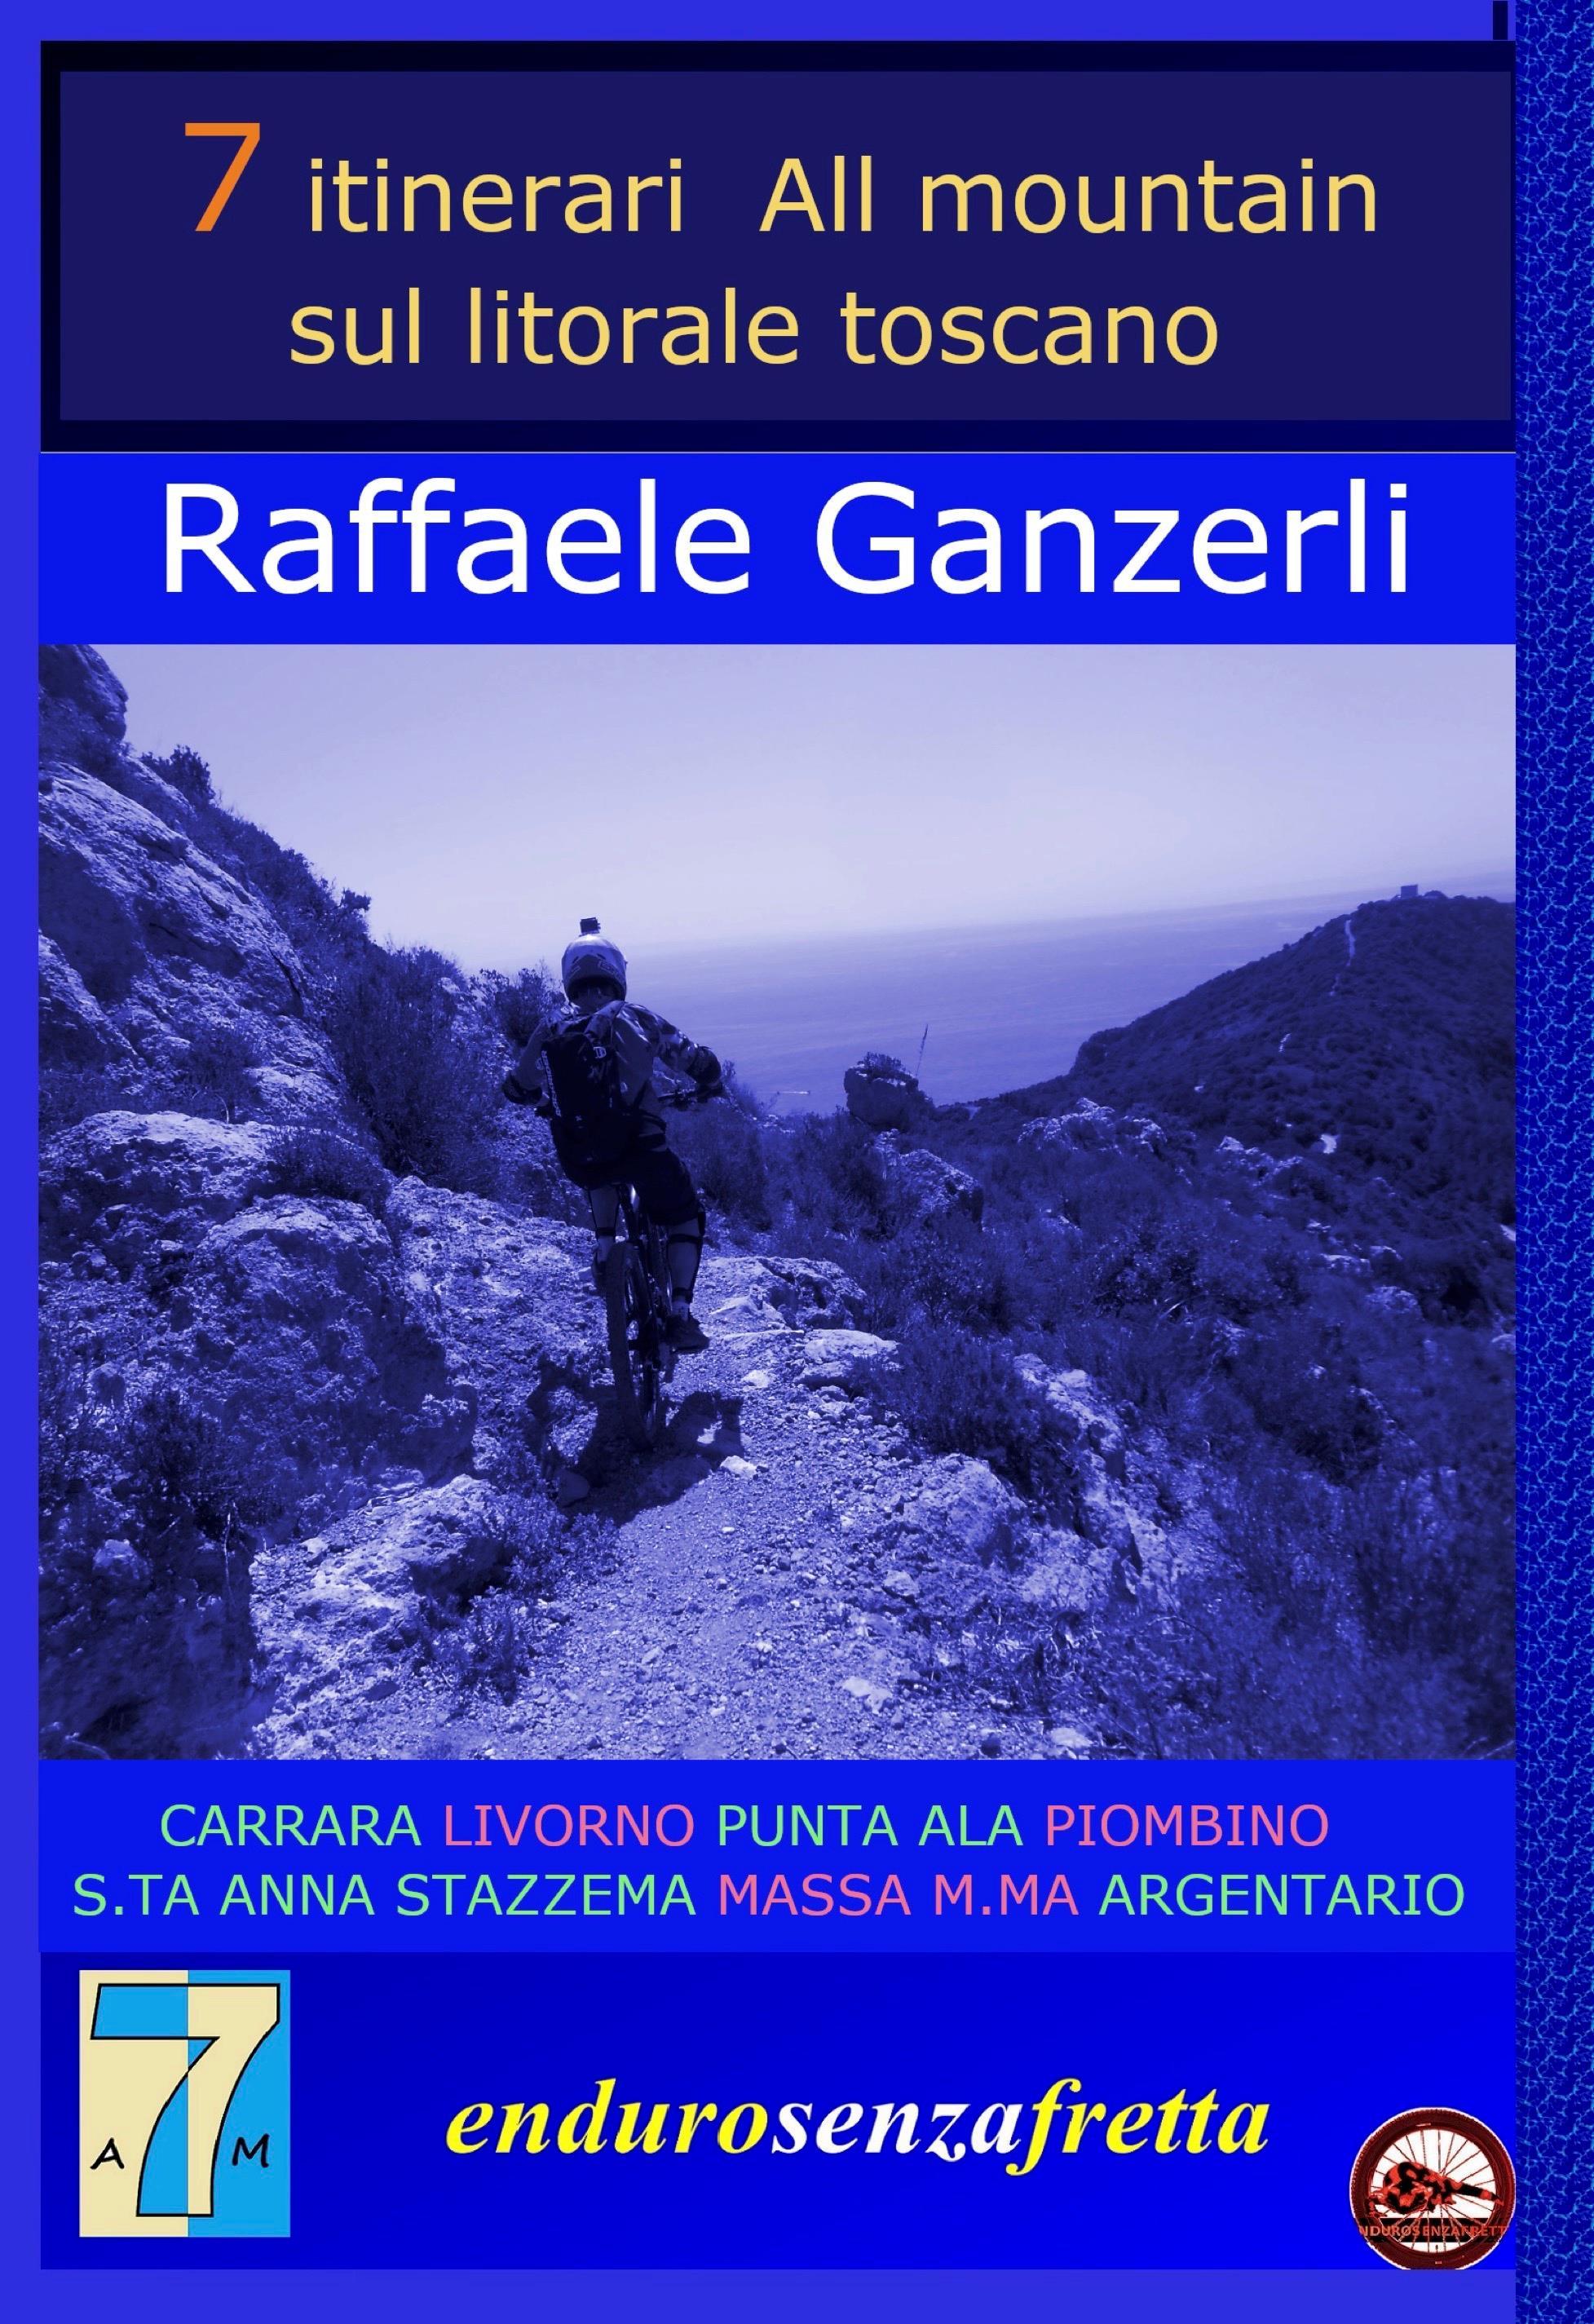 7 itinerari All Mountain sul litorale toscano